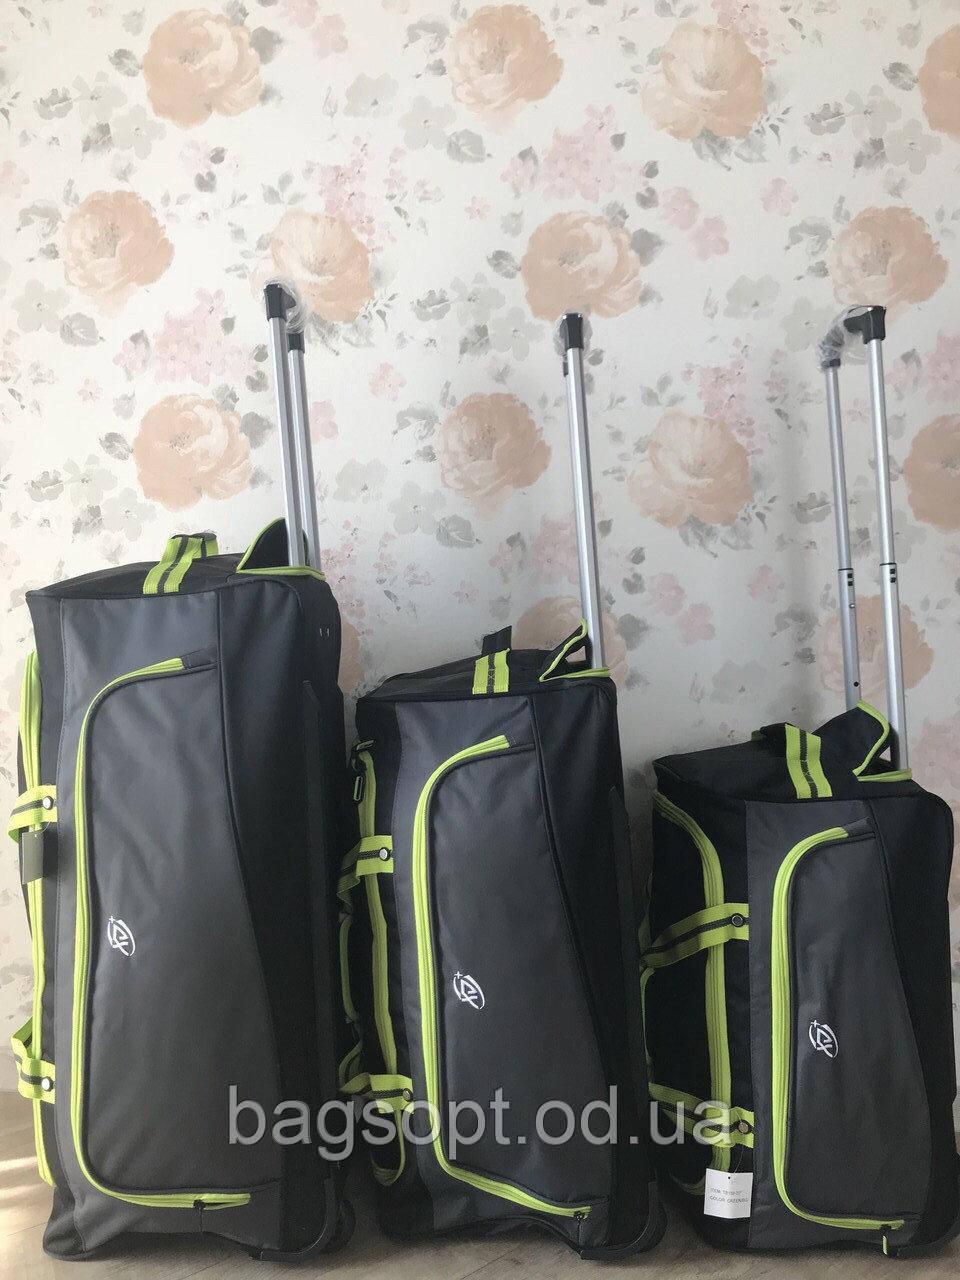 Комплект дорожных сумок (маленькая, средняя, большая)